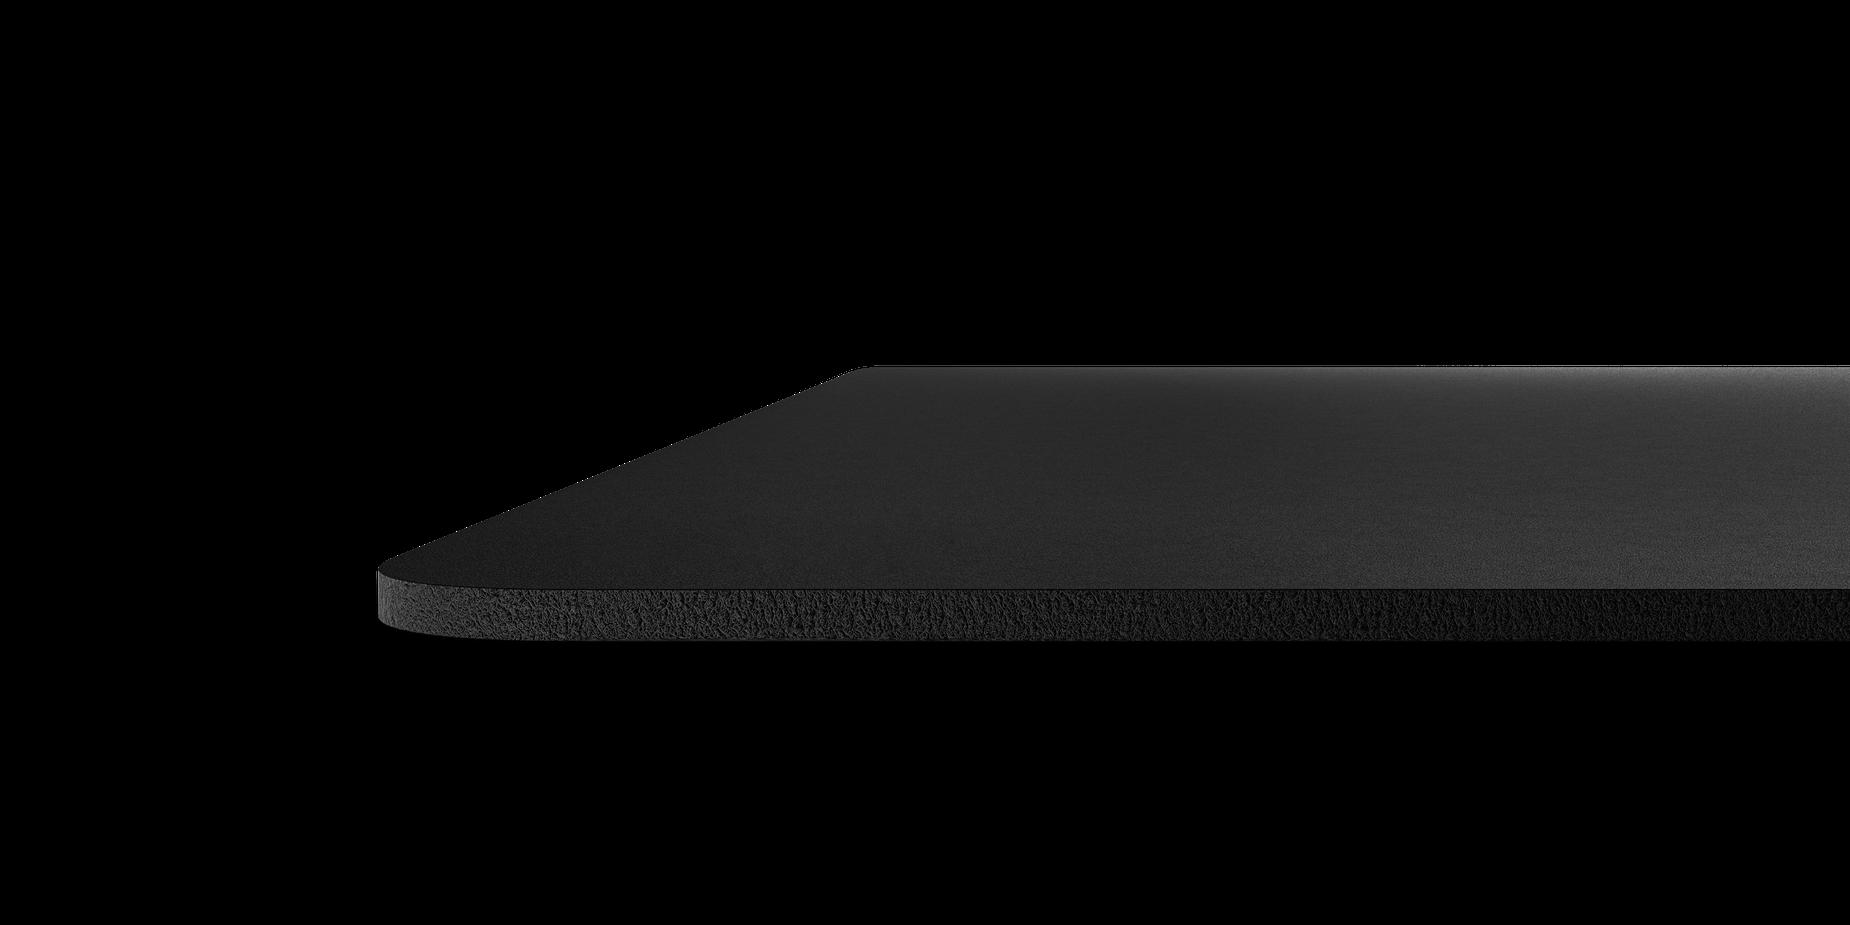 QcKマウスパッドの厚さを見せる画像